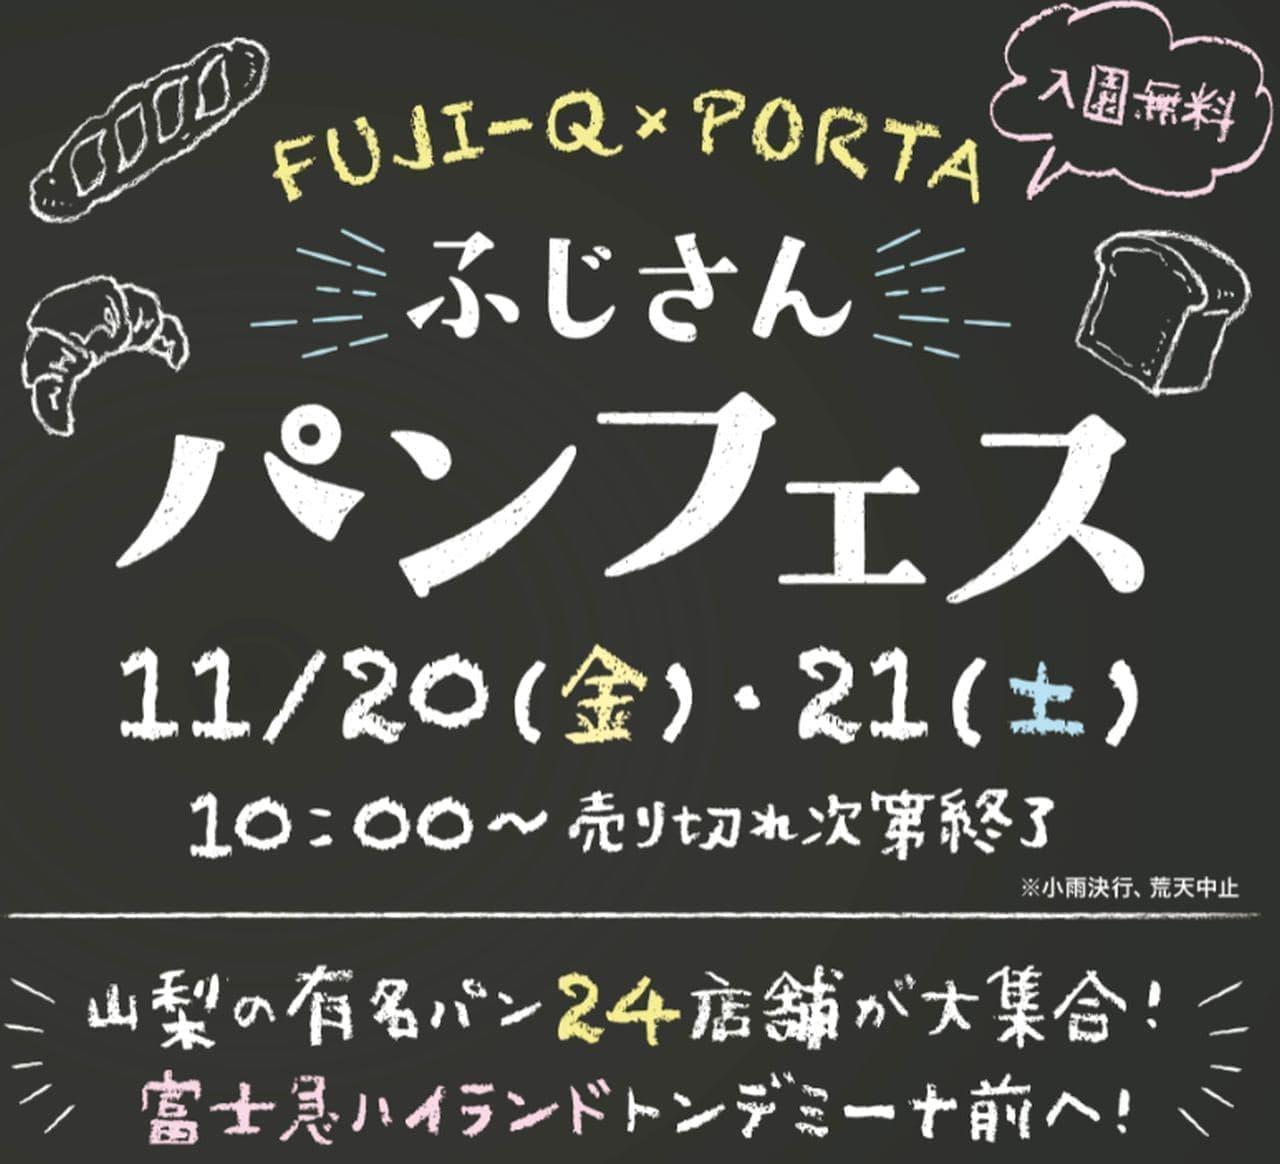 「ふじさんパンフェス2020」11月20・21日開催